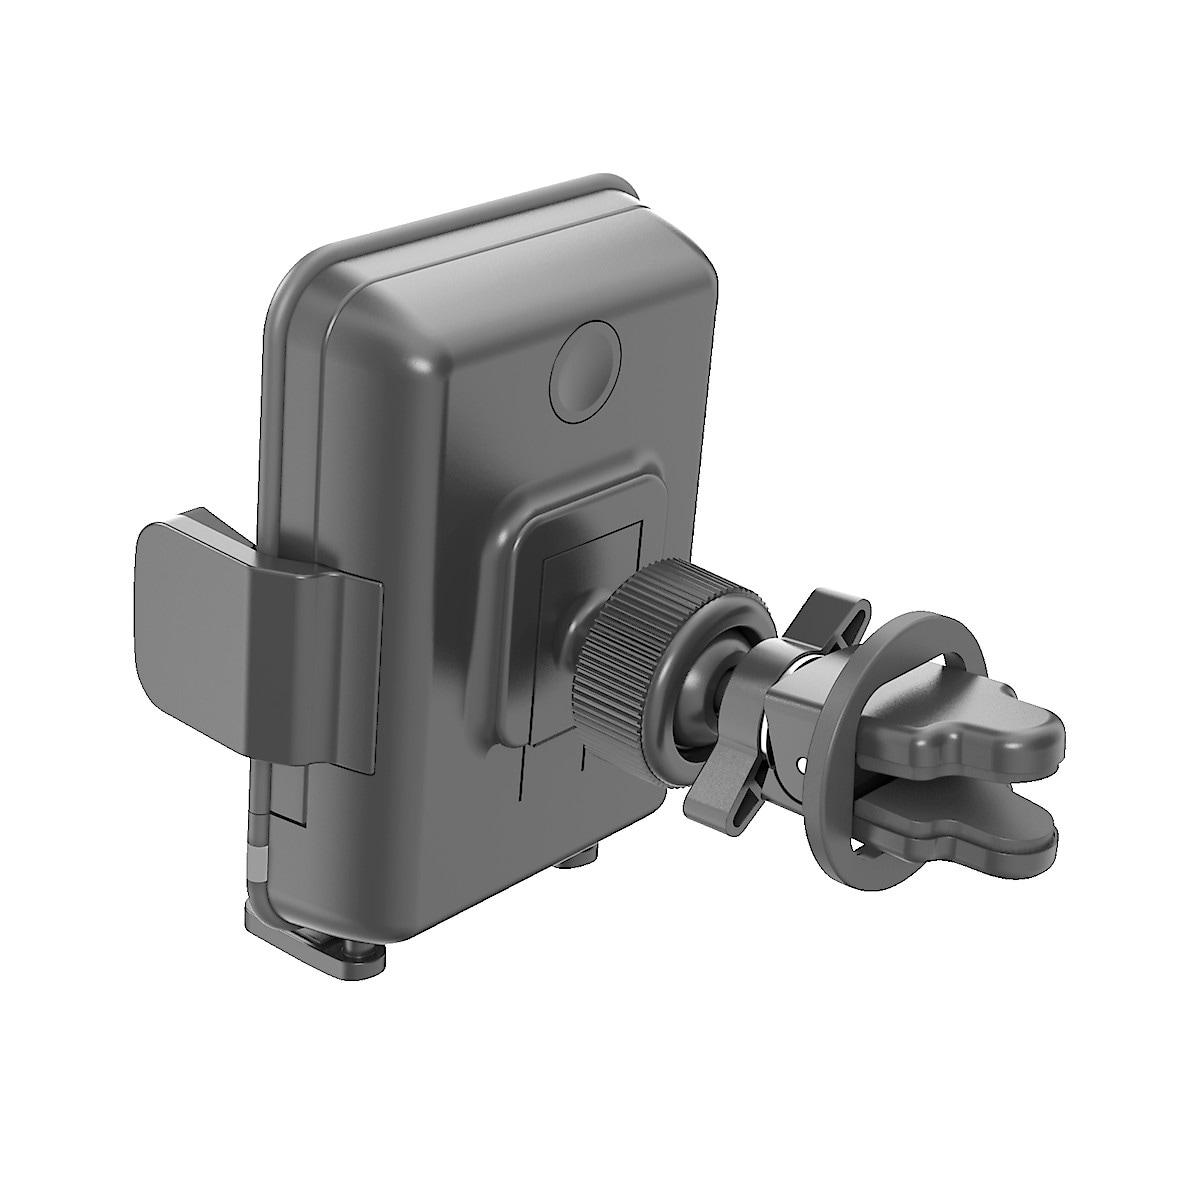 Celly Mount Charge telefonholder med trådløs lading (5 W)